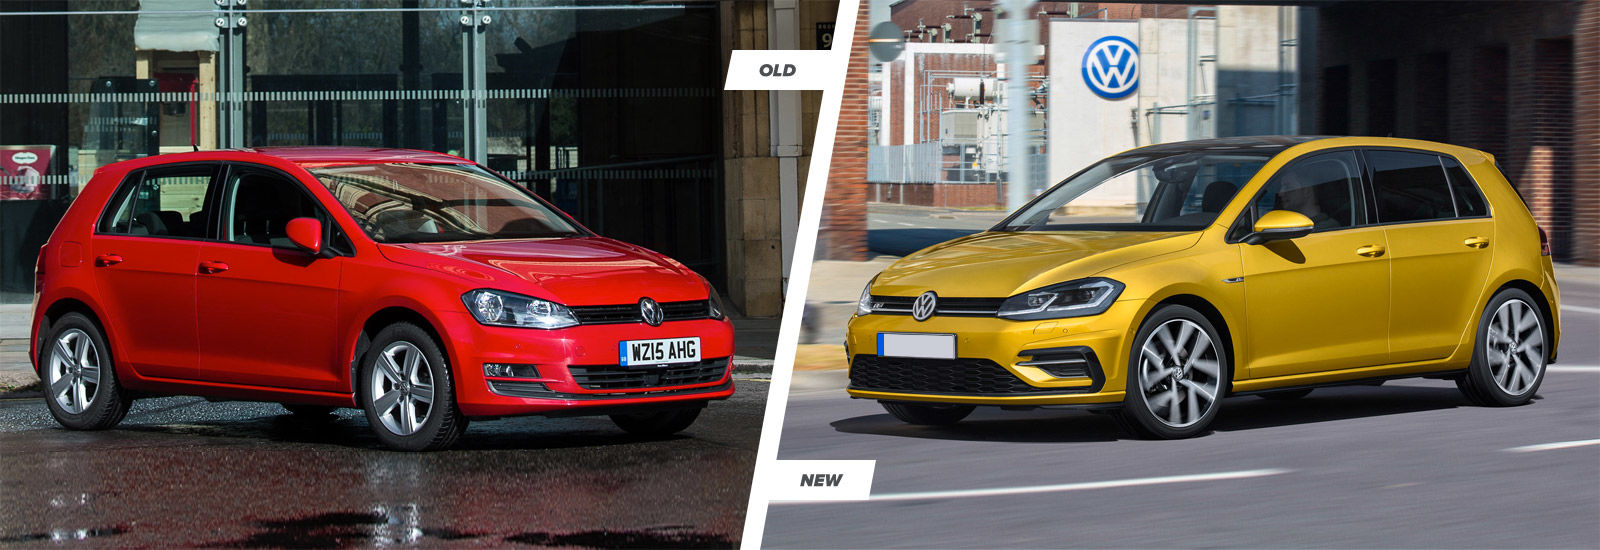 2017 vw golf mk7 facelift old vs new styling